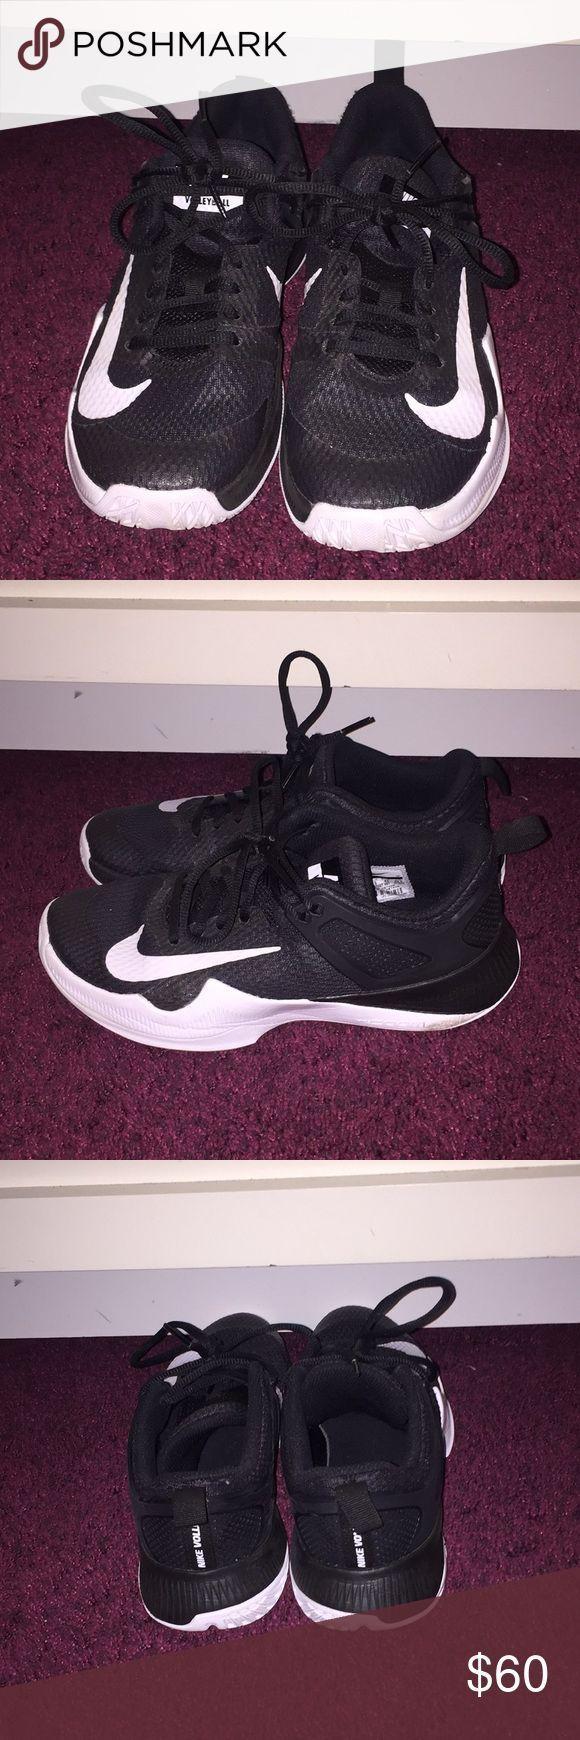 Nike Volleyballschuhe Meist Brandneu Fur Eine Saison Getragen Nike Schuhe Athletic Fashionmodel Fashio Nike Volleyball Shoes Volleyball Shoes Nike Volleyball